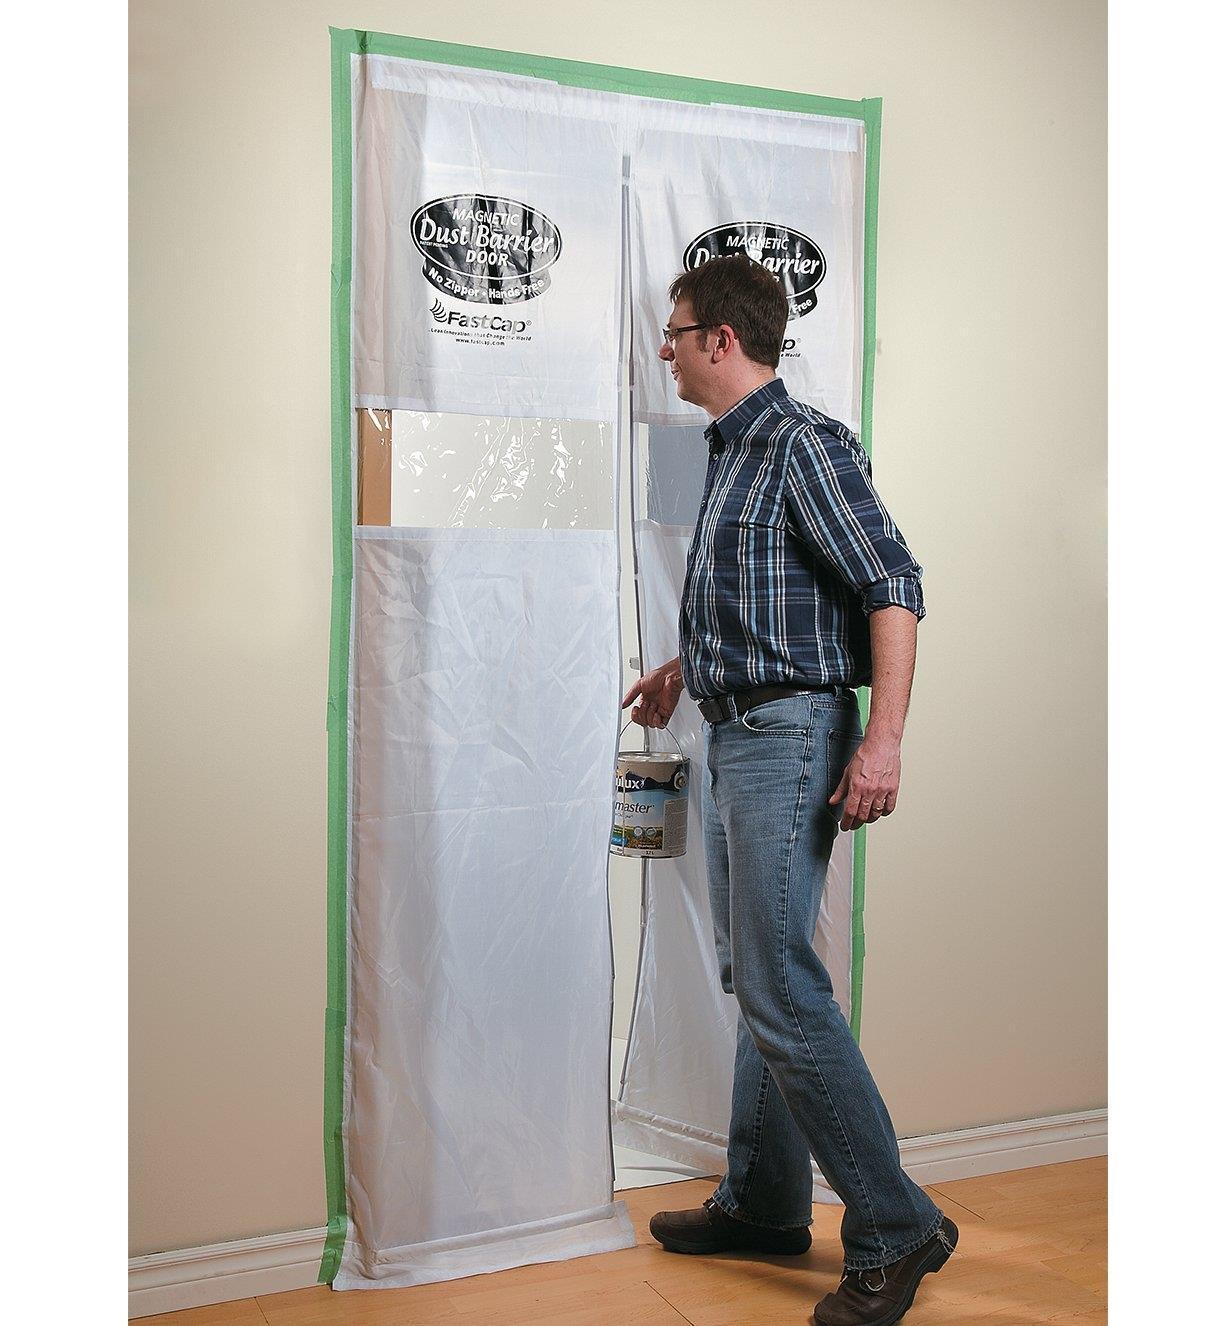 97K2006 - Magnetic Dust-Barrier Door